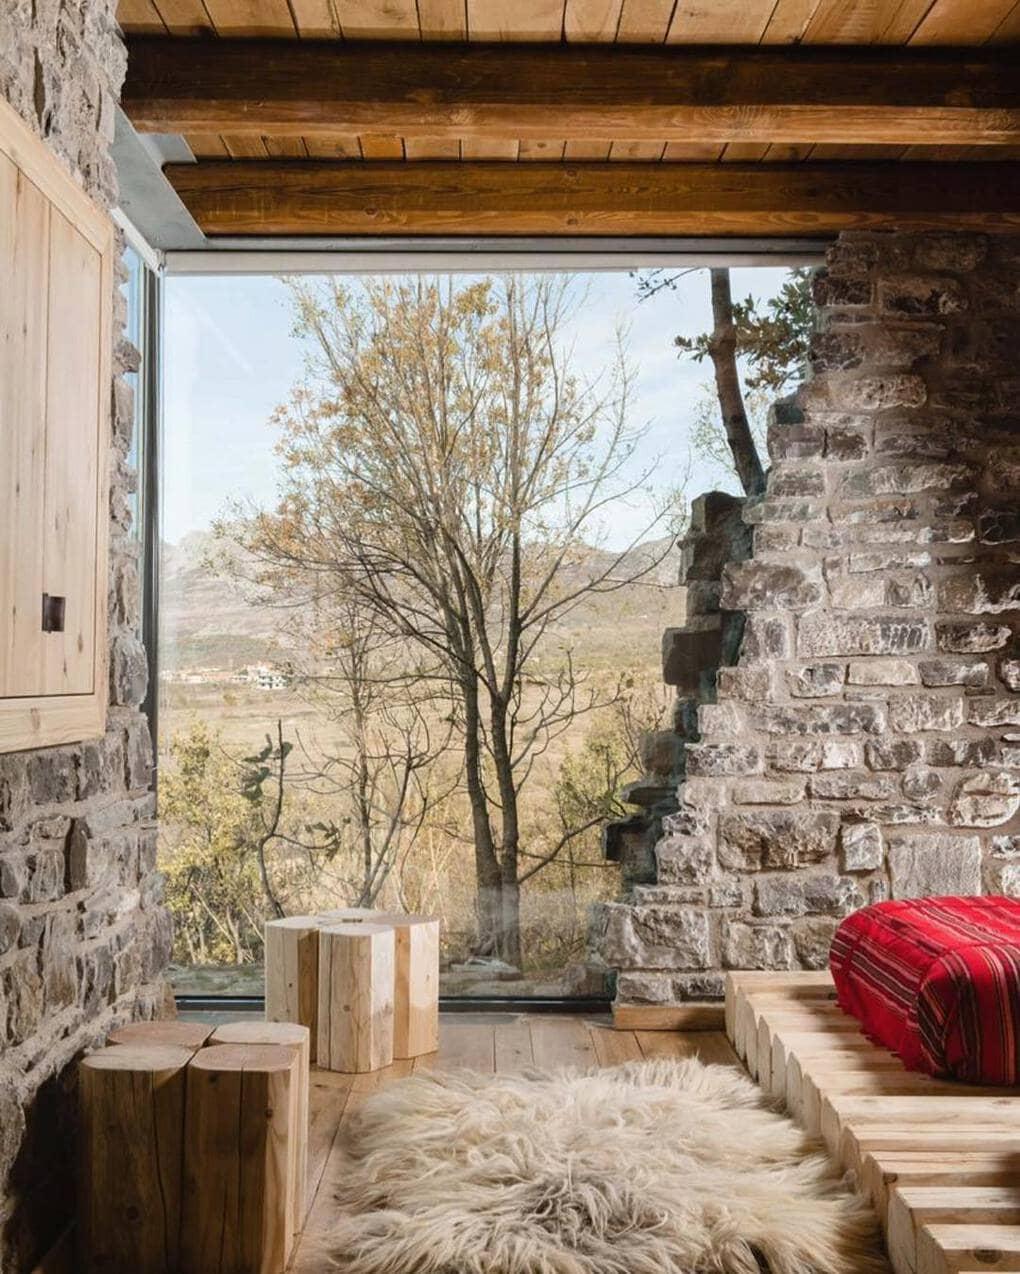 plisatelier 46773273 296009811023930 6924379106935430903 n - В Албании есть невероятный дом с углом из стекла: что он из себя представляет и как выглядит внутри